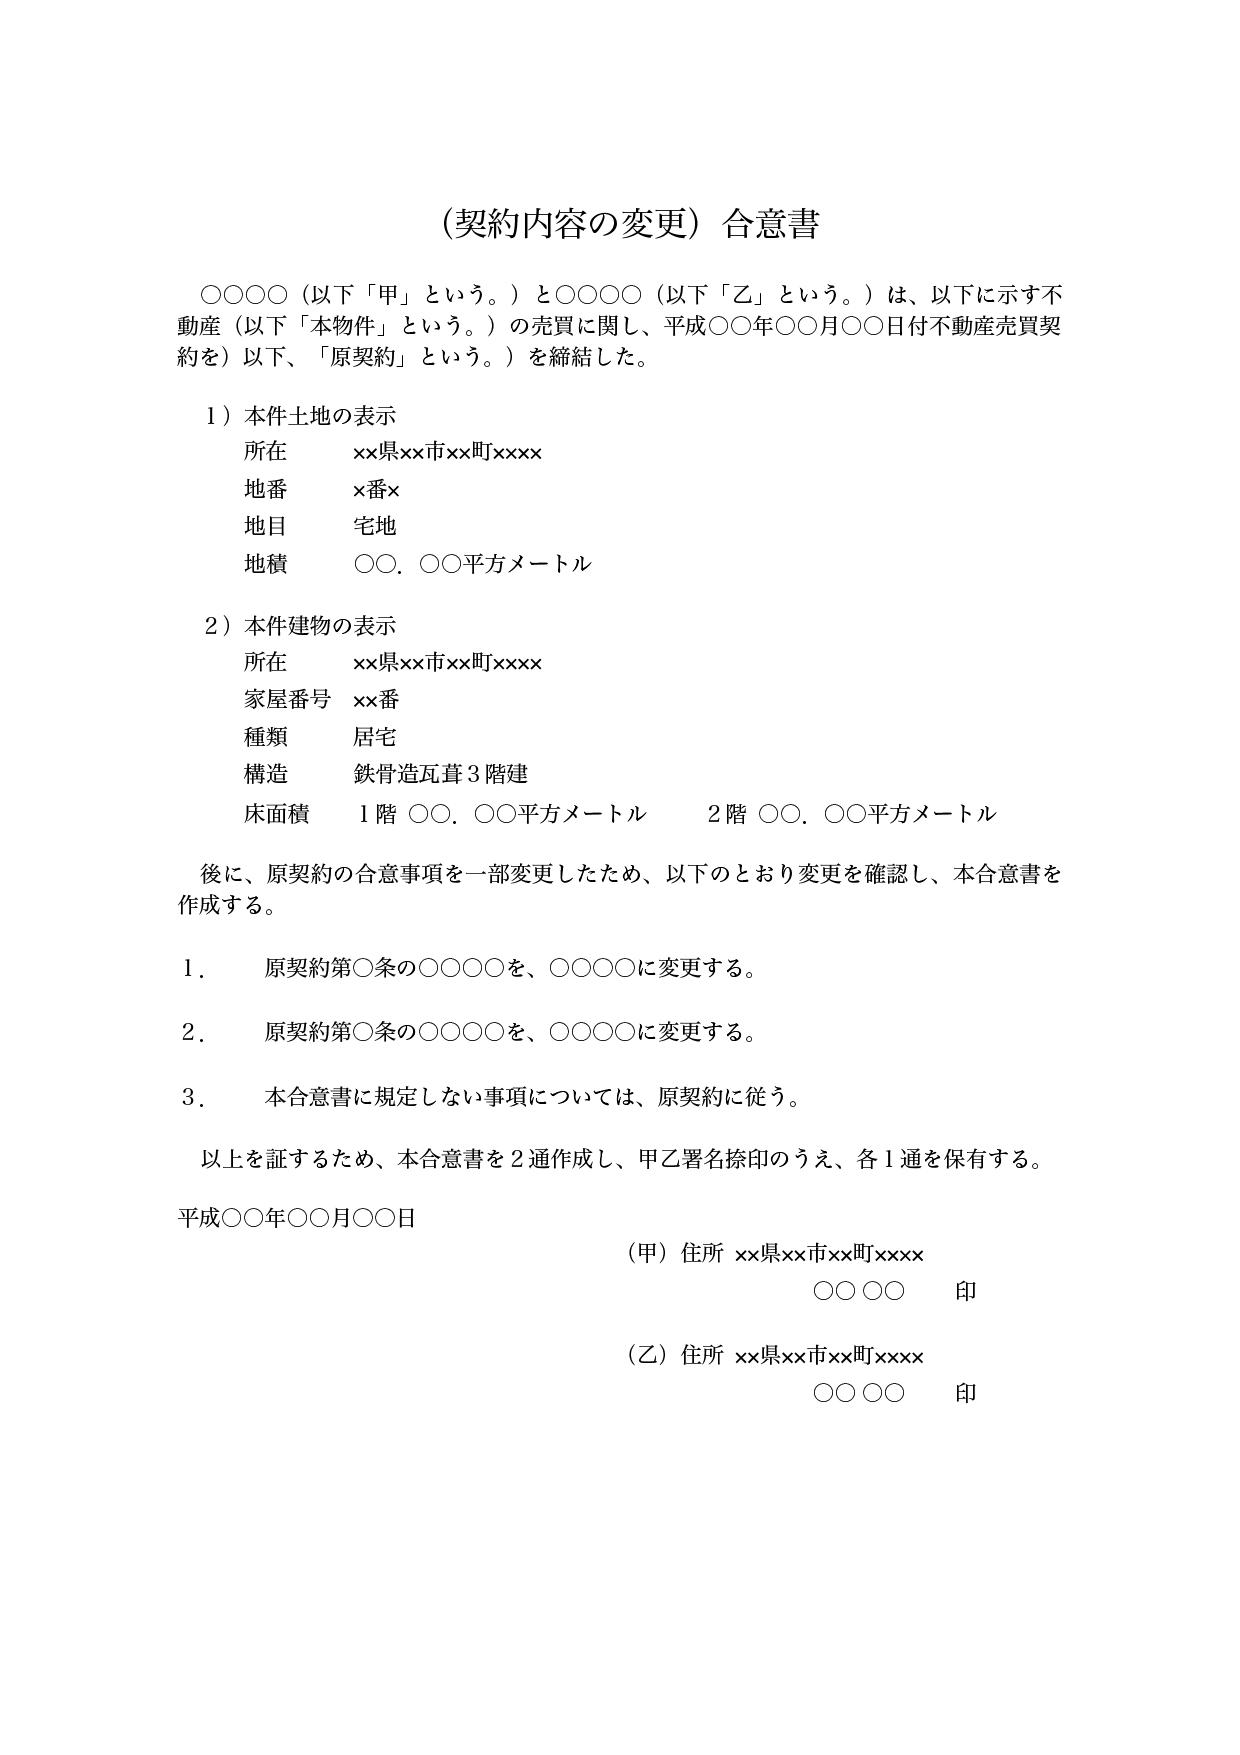 合意書『覚書』雛形テンプレート(ワード・ページズ)